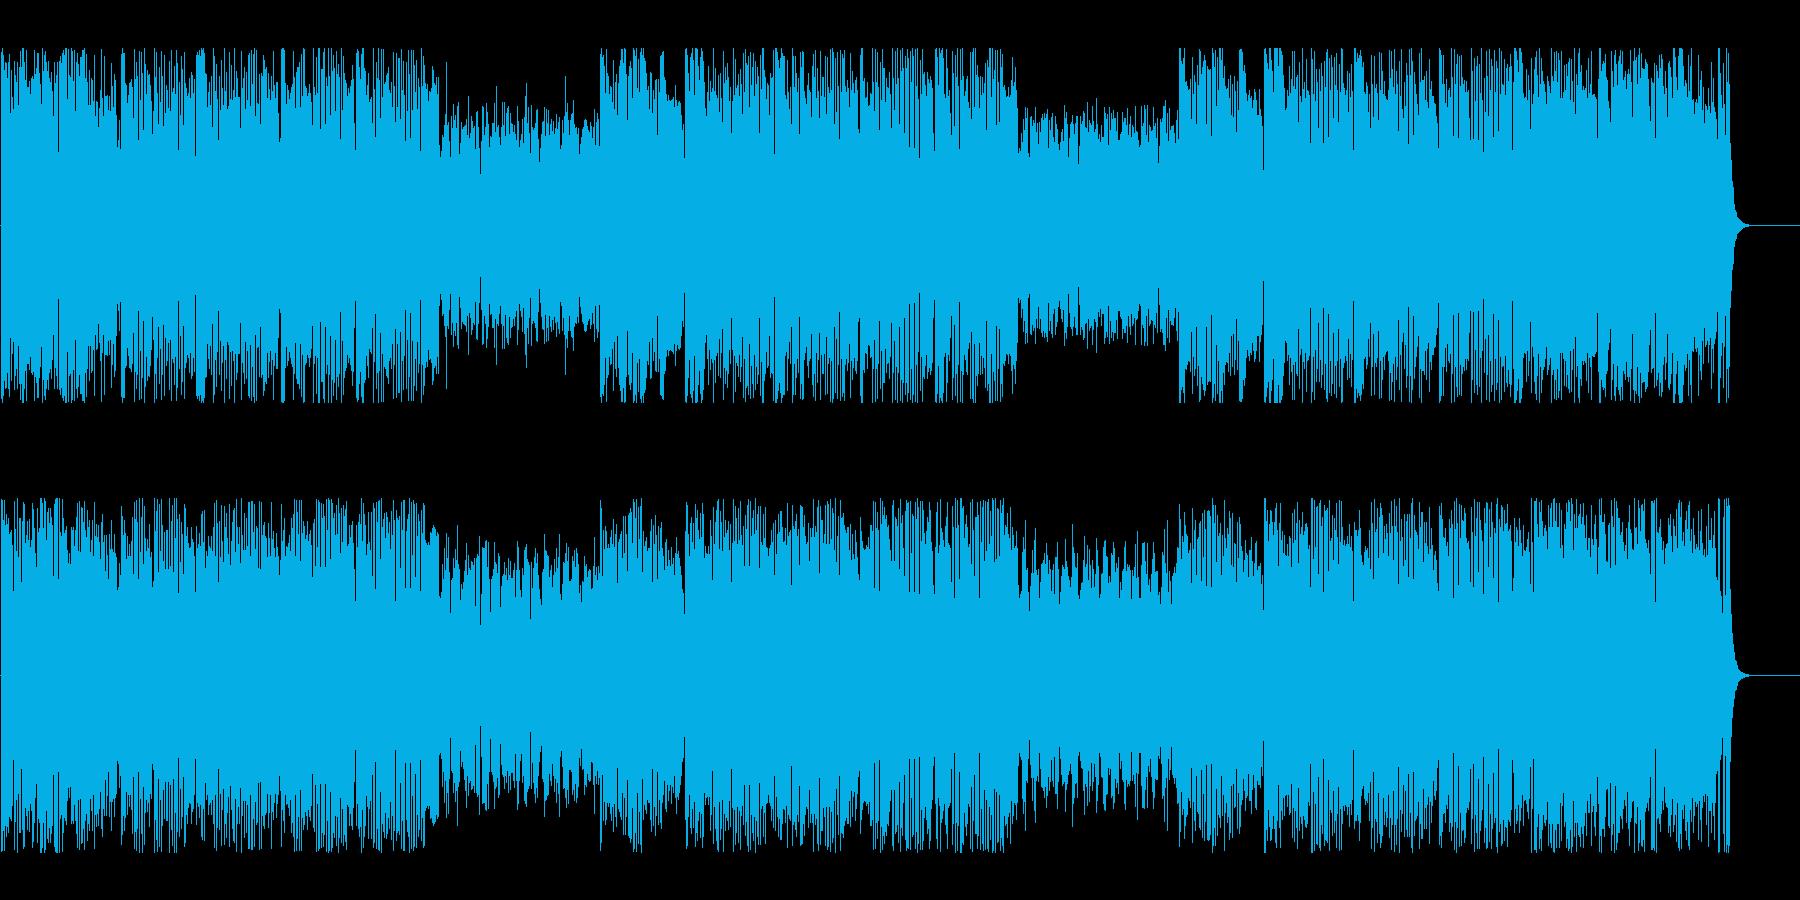 ファンファーレ 登場 オープニング 表彰の再生済みの波形